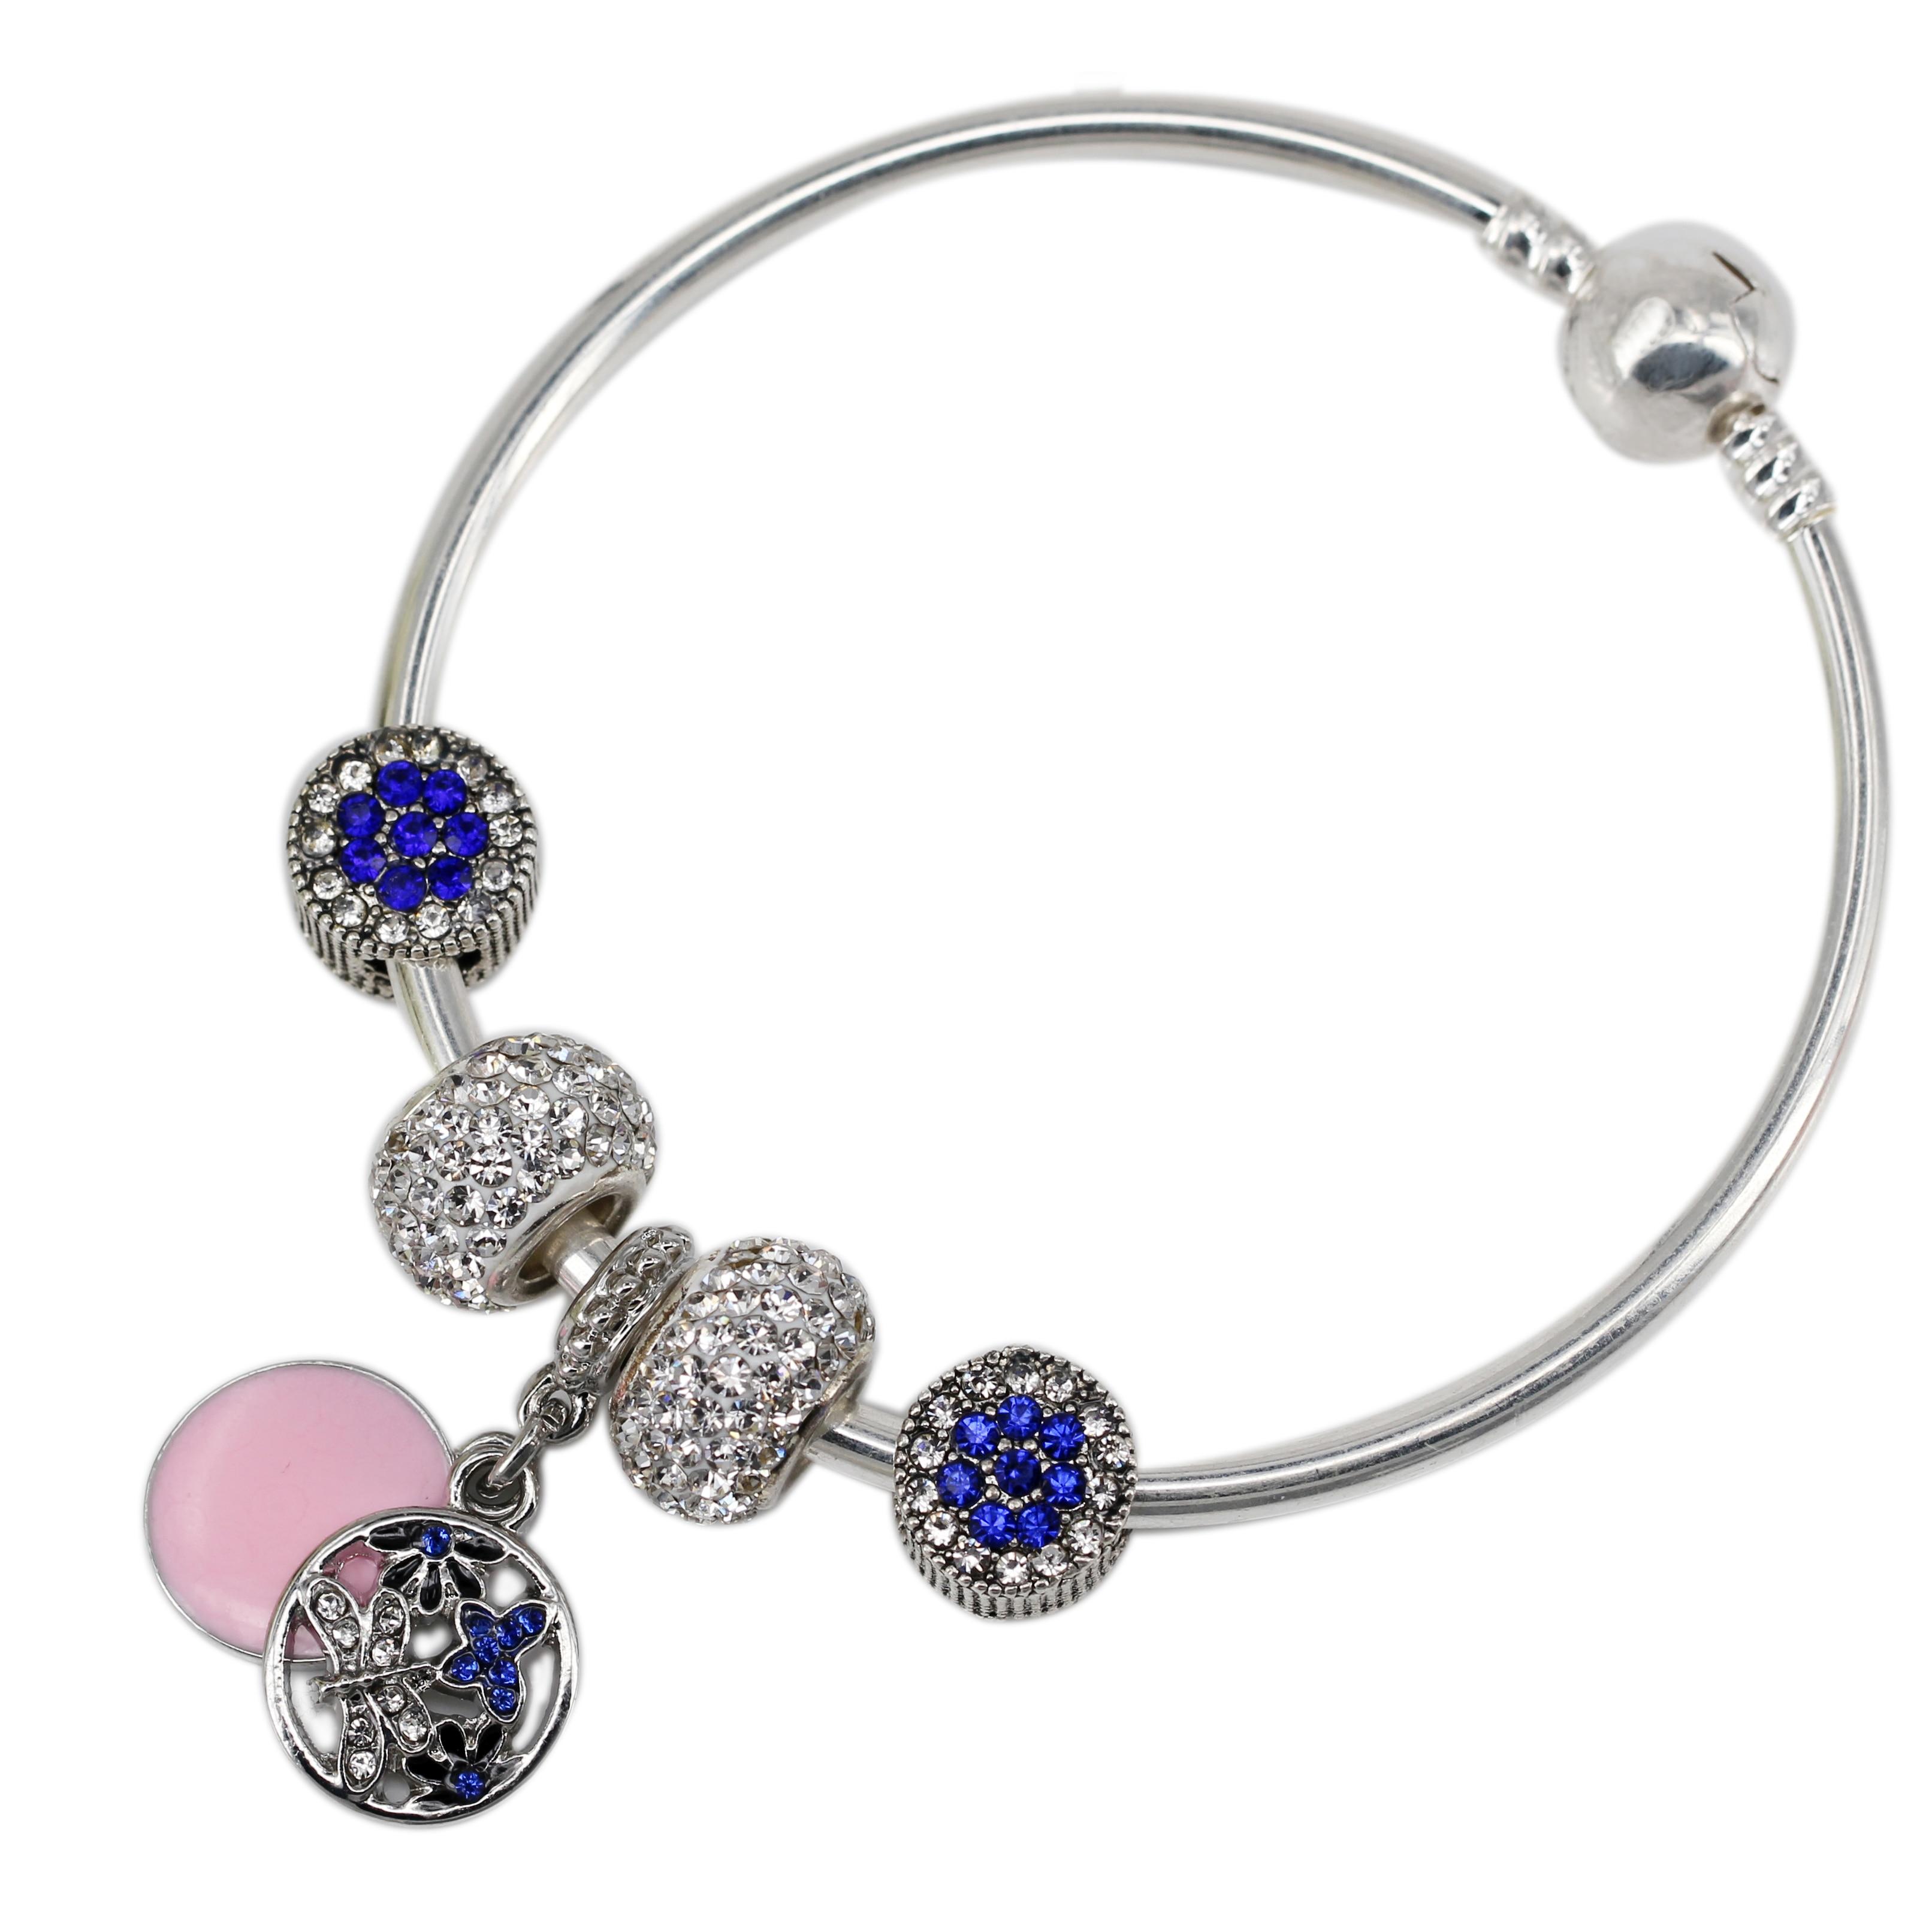 ჱcrystal Blue Butterfly Hanging Silver Clear Crystal Silver Plated